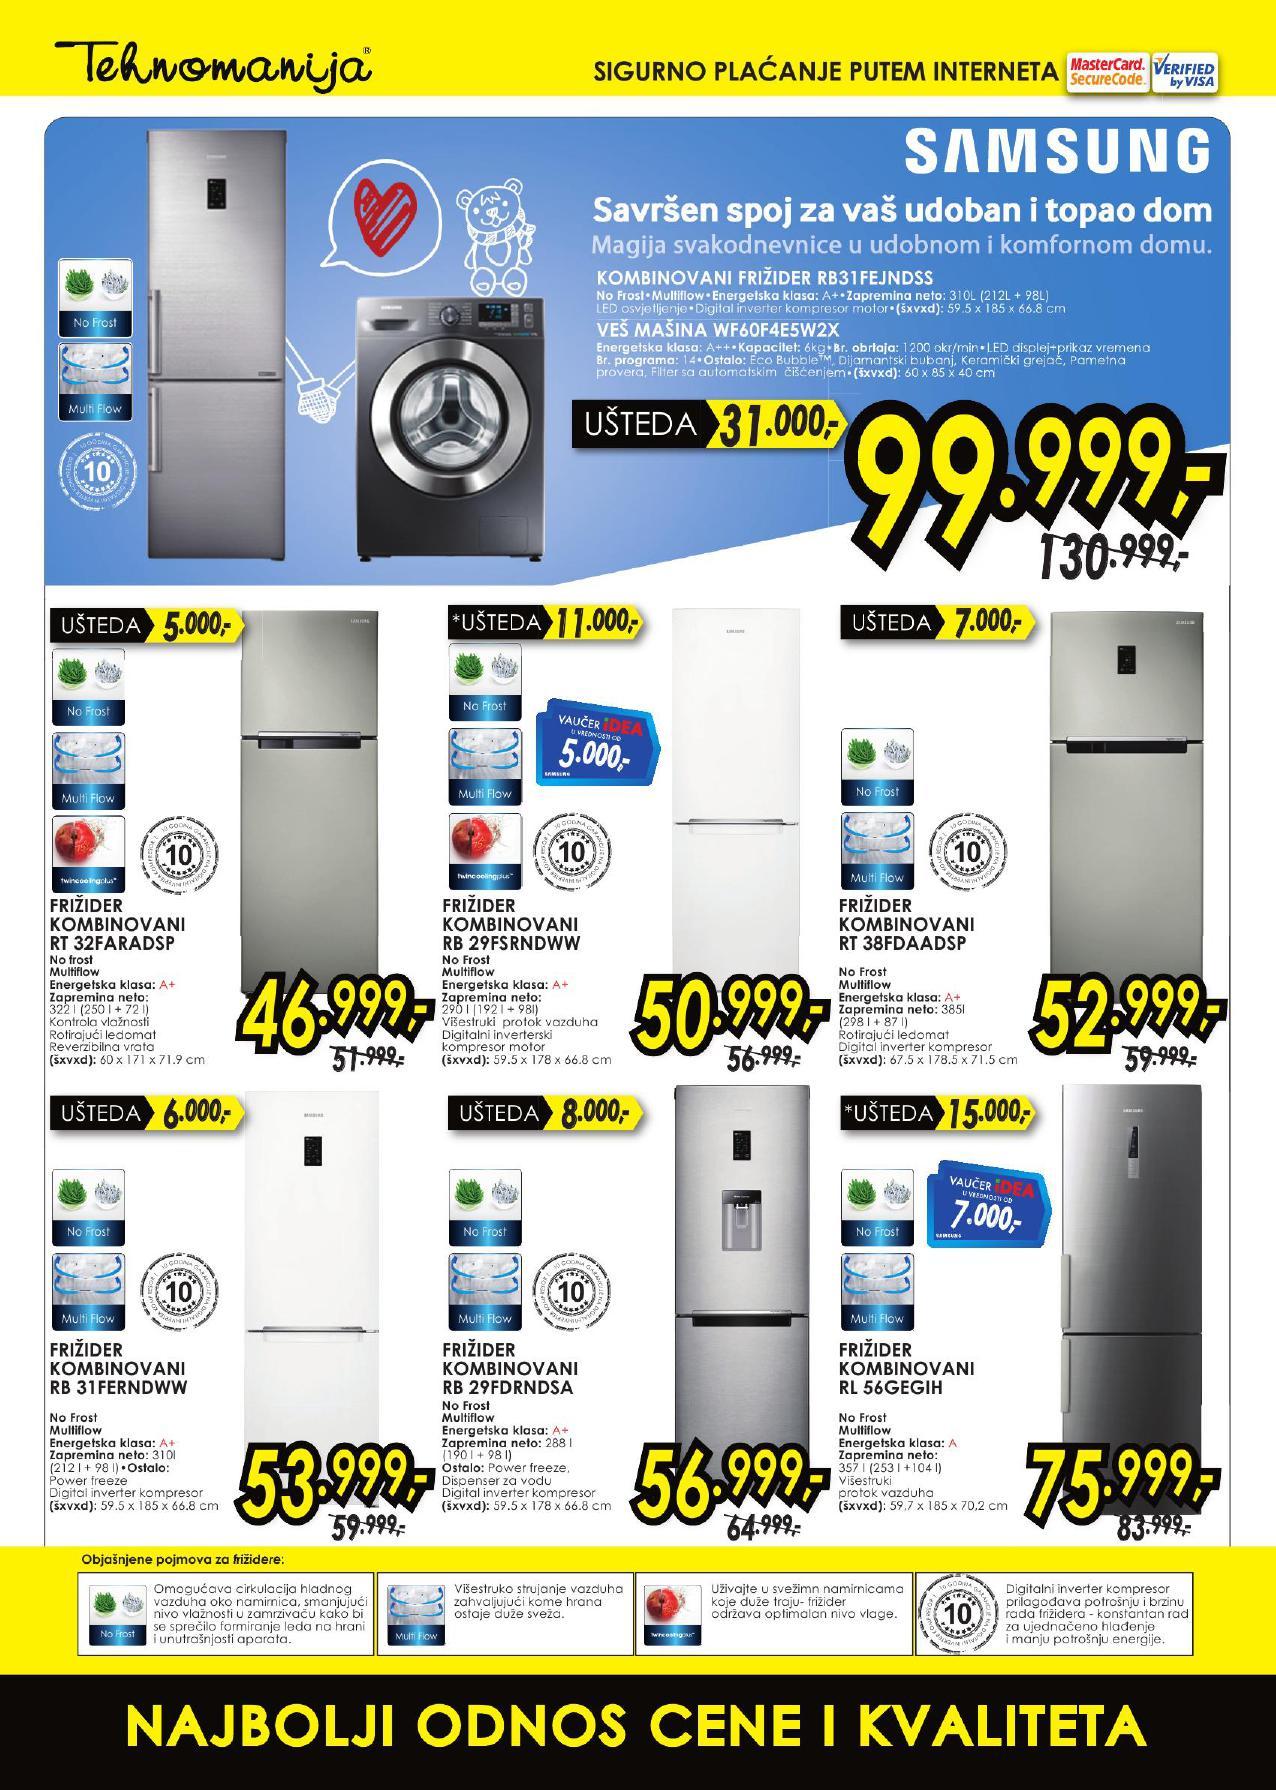 Tehnomanija katalog super ponuda Samsung uređaja